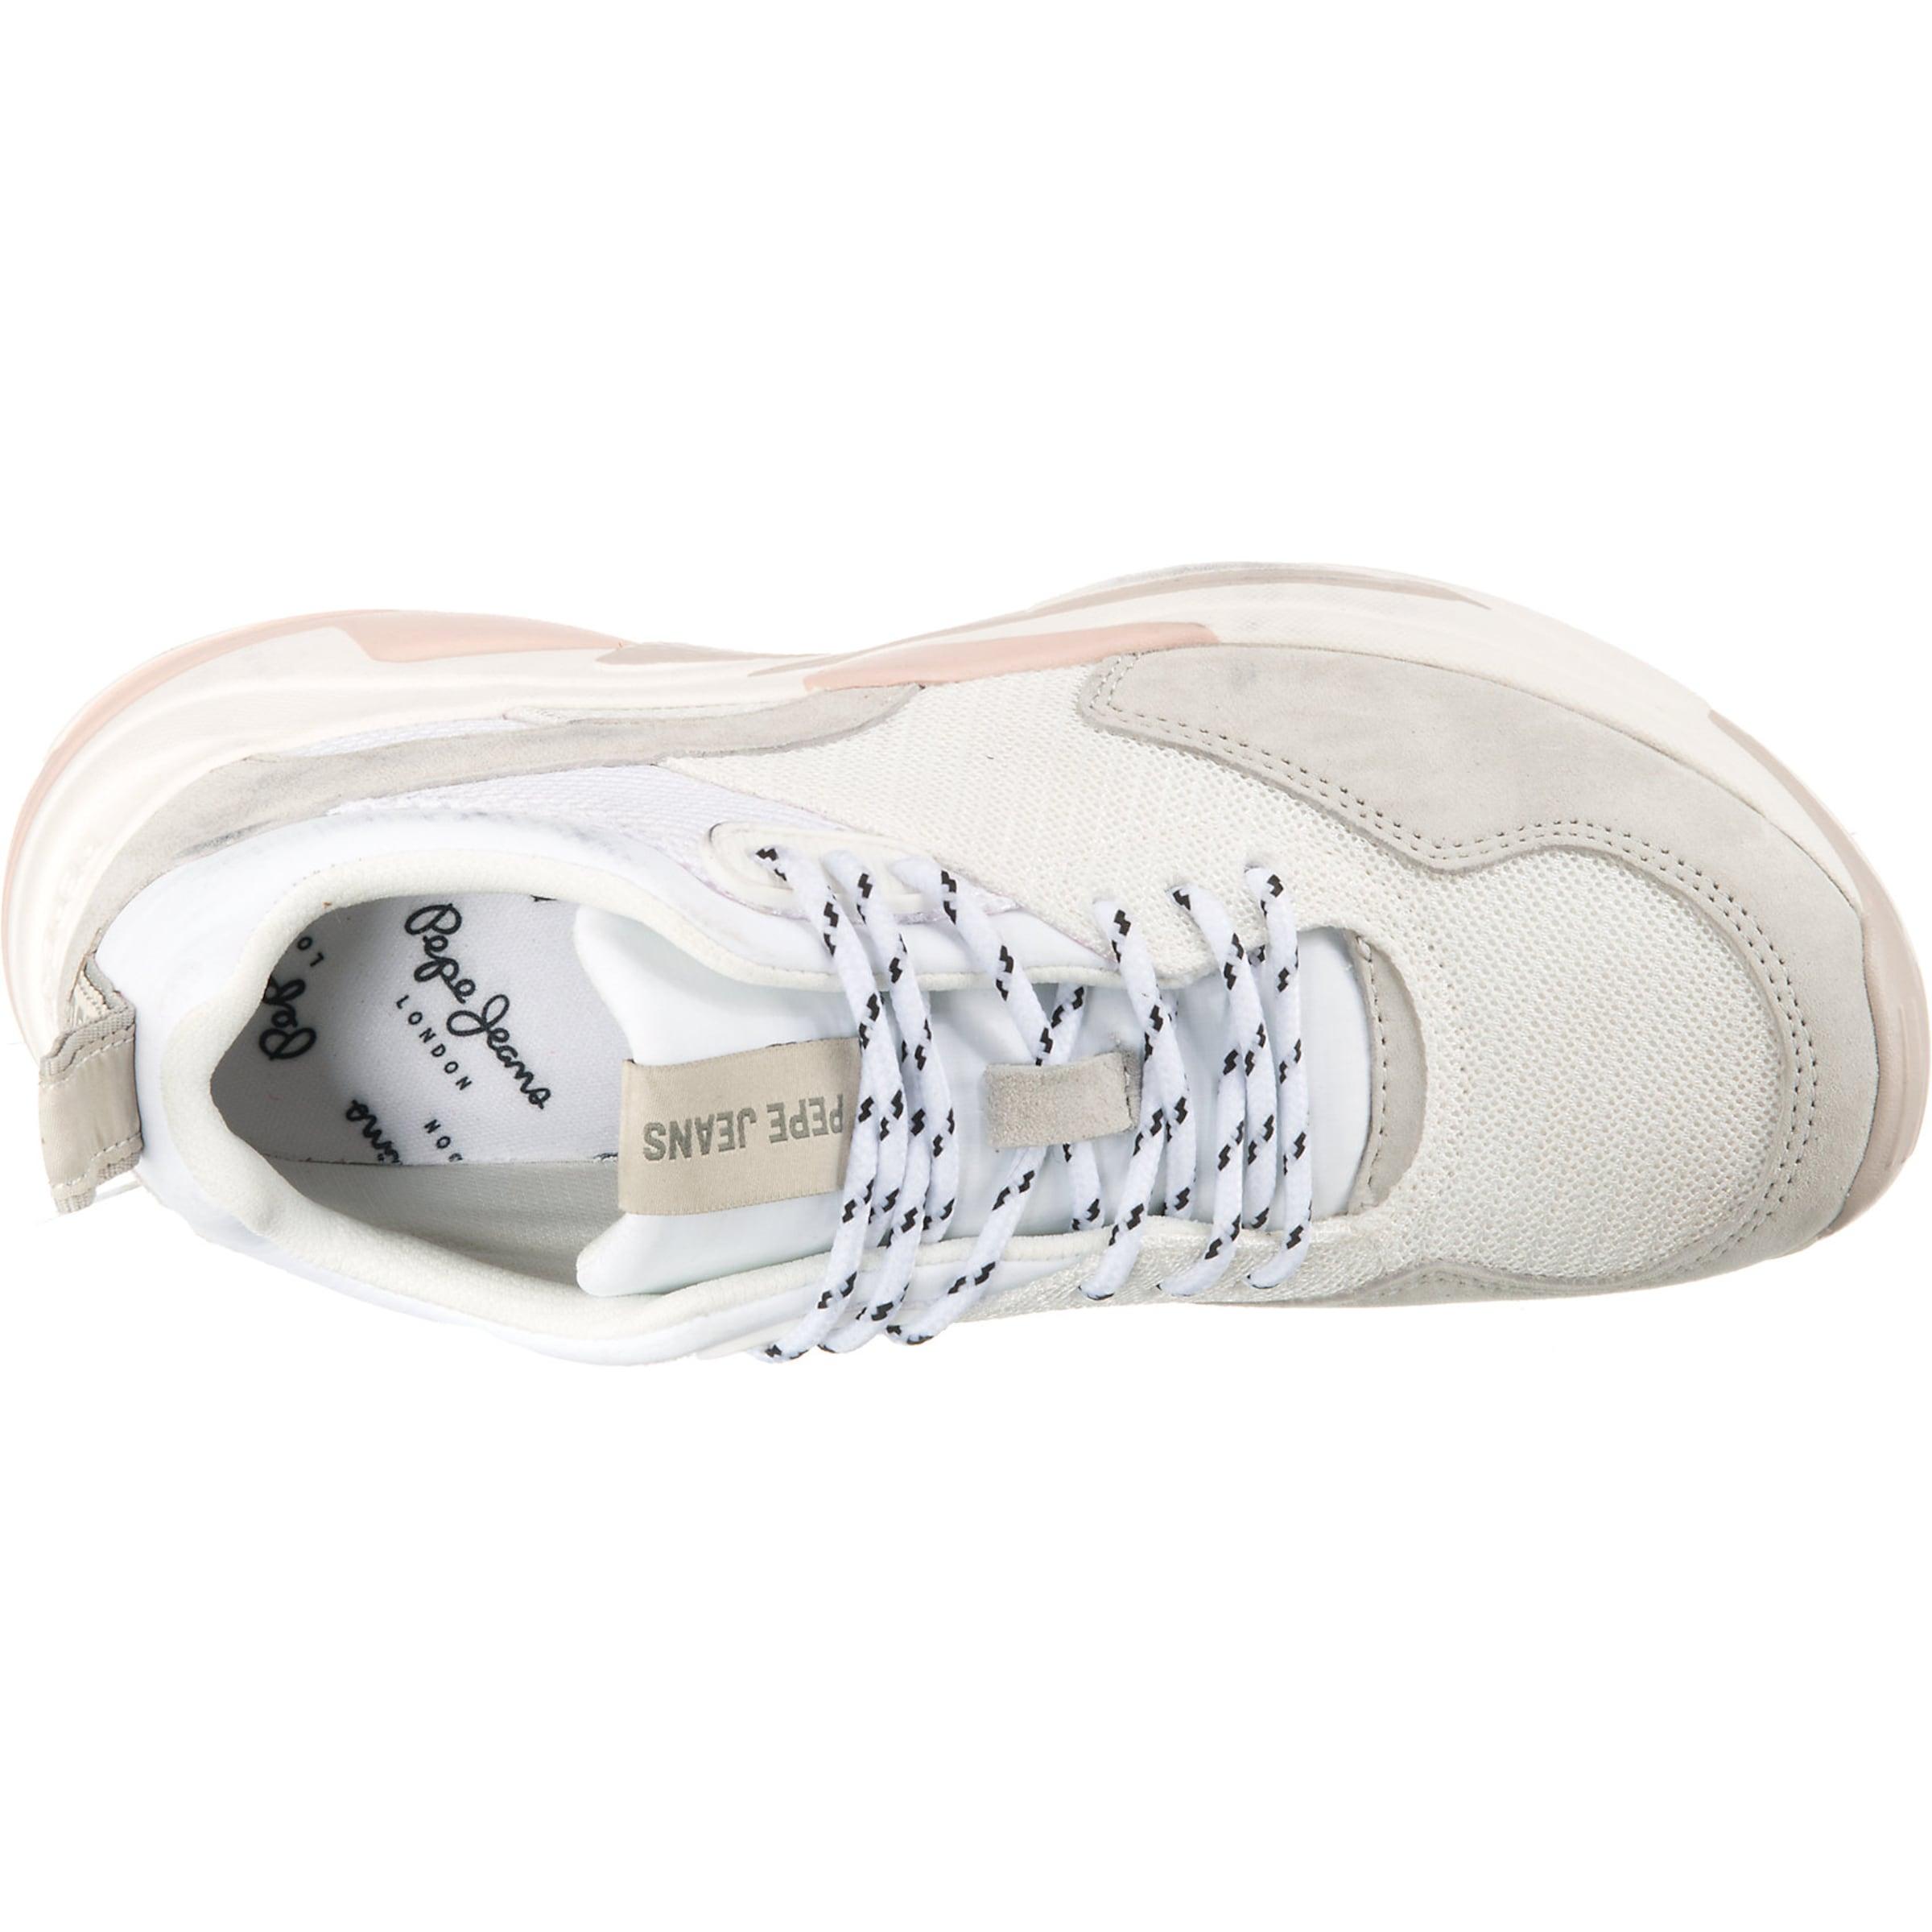 In Jeans 'sinyu Sneaker Pepe HellbeigeHellpink Snow' Weiß 1cKJu3TlF